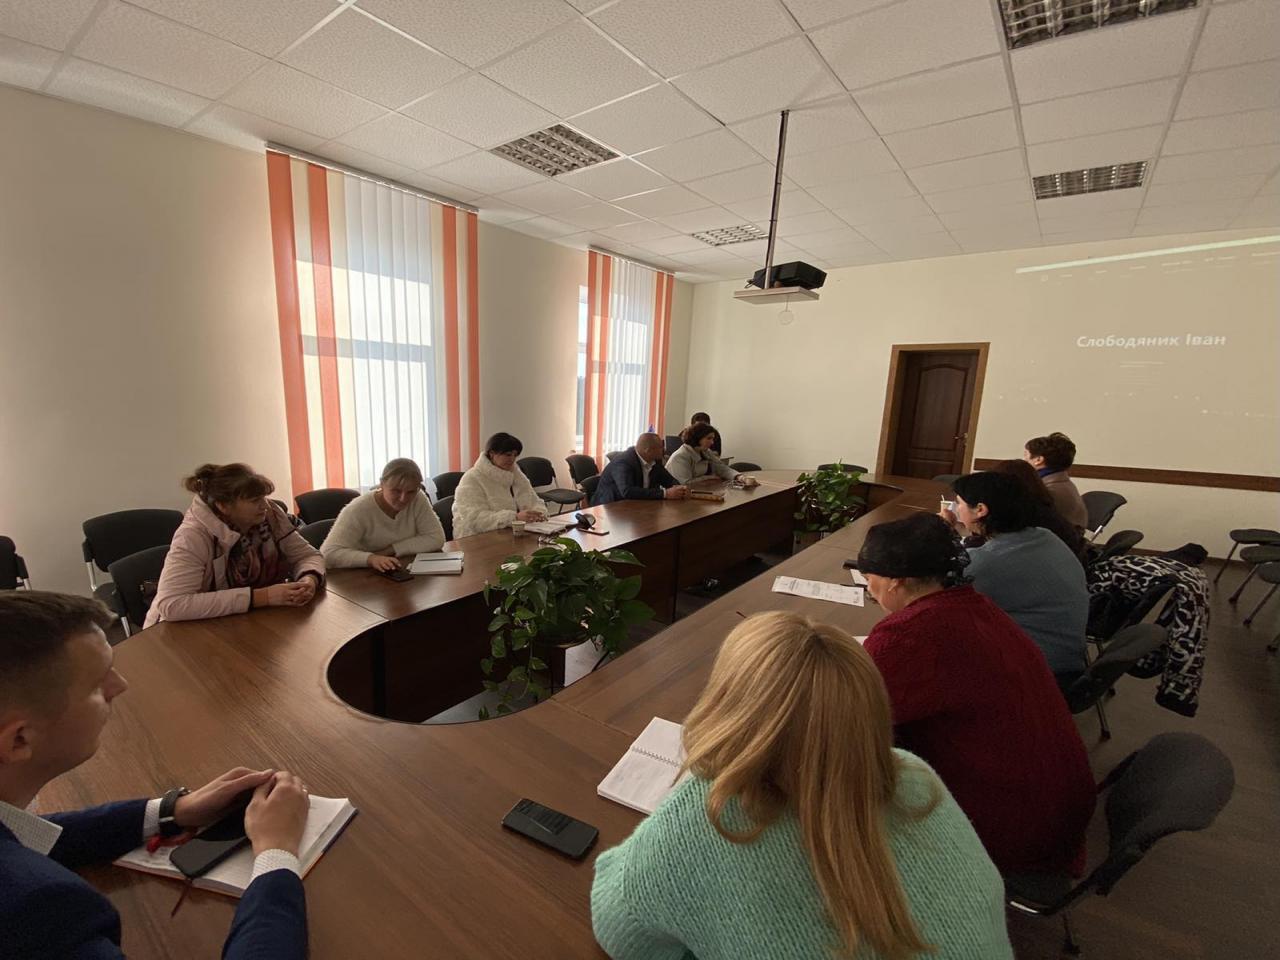 http://dunrada.gov.ua/uploadfile/archive_news/2021/10/13/2021-10-13_5675/images/images-18063.jpg